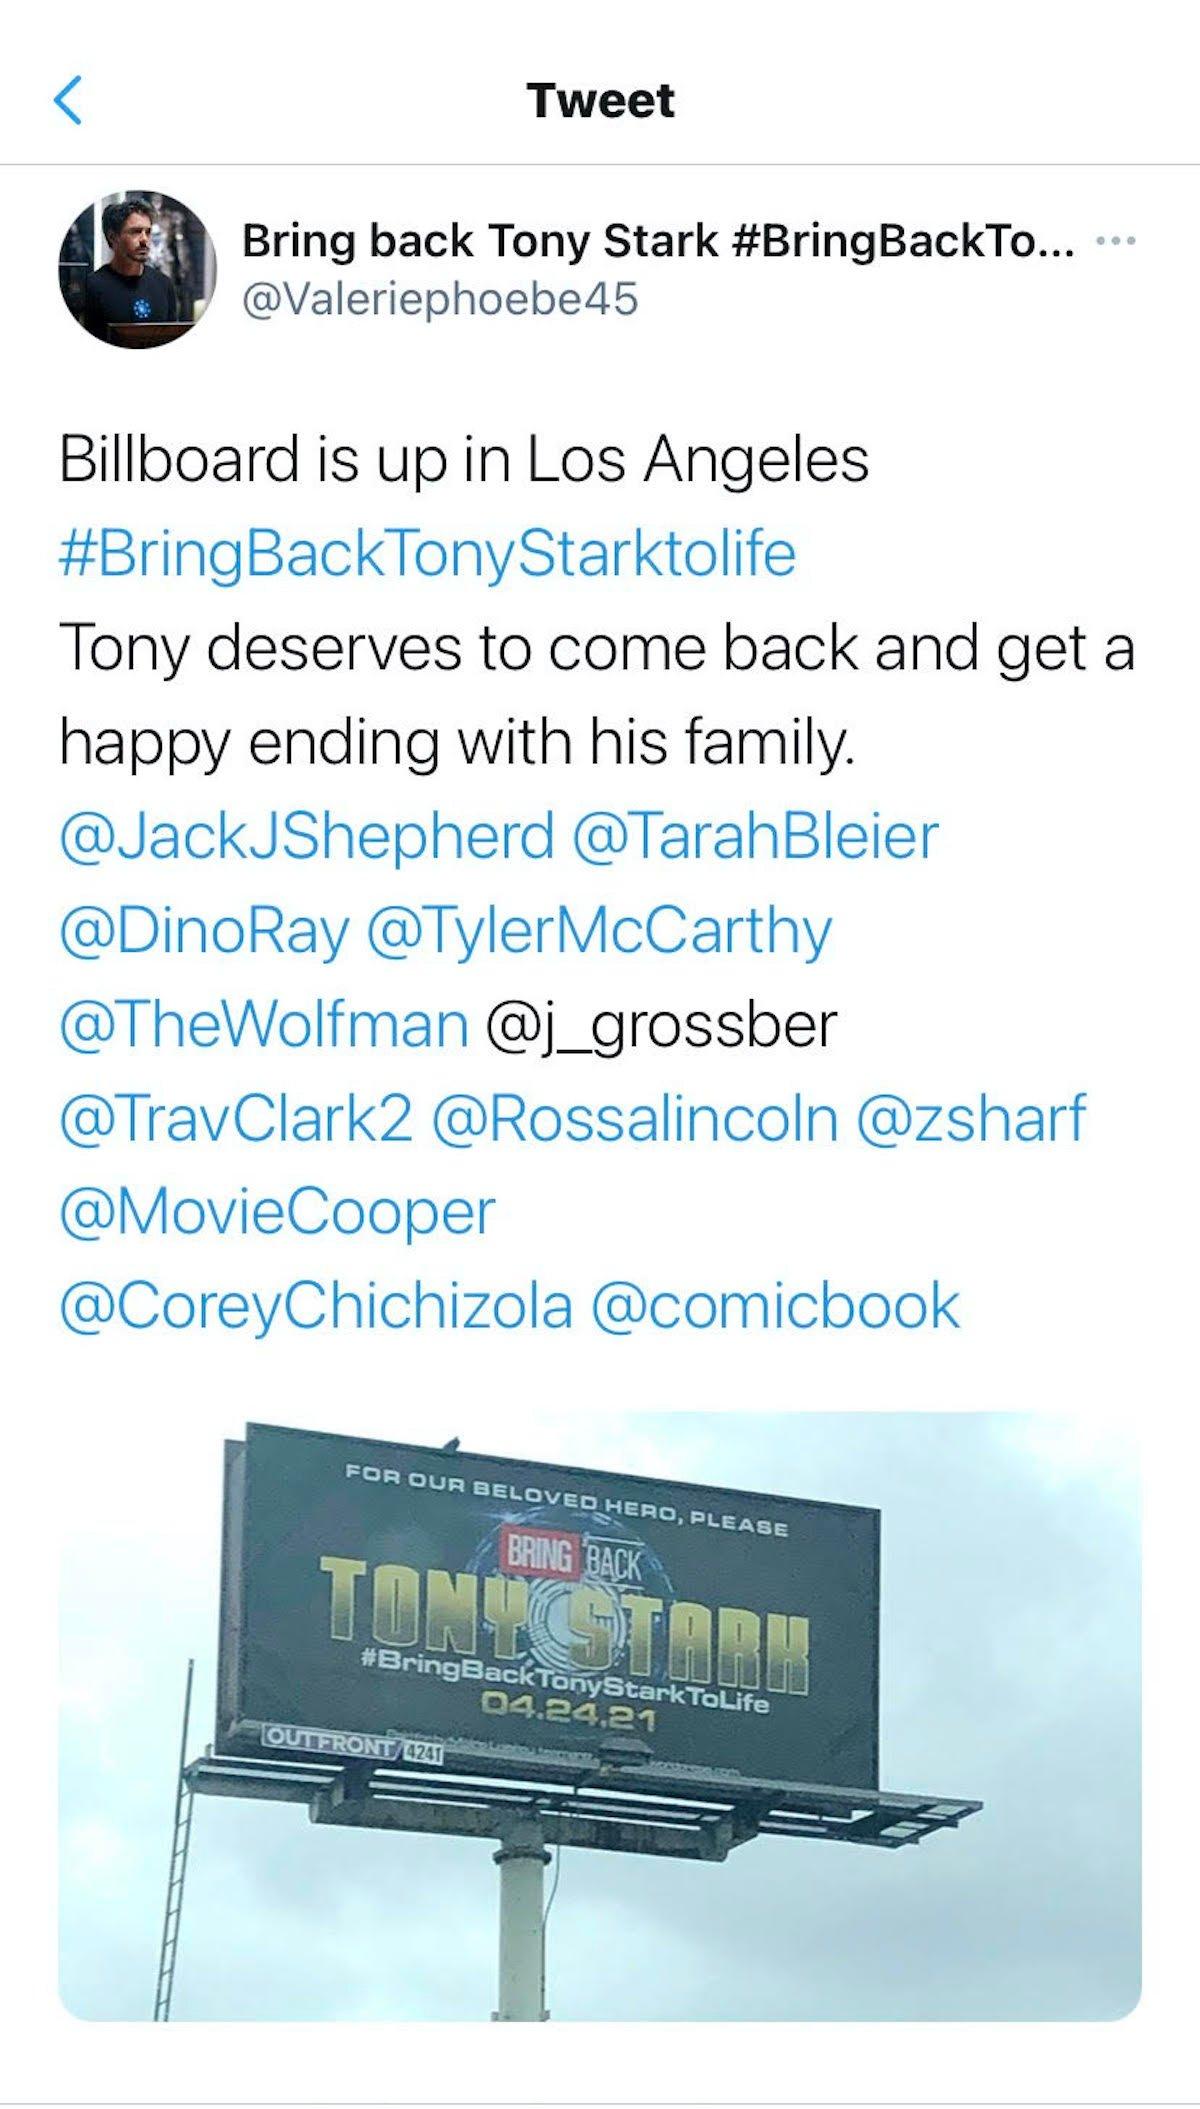 The Tony Stark billboard